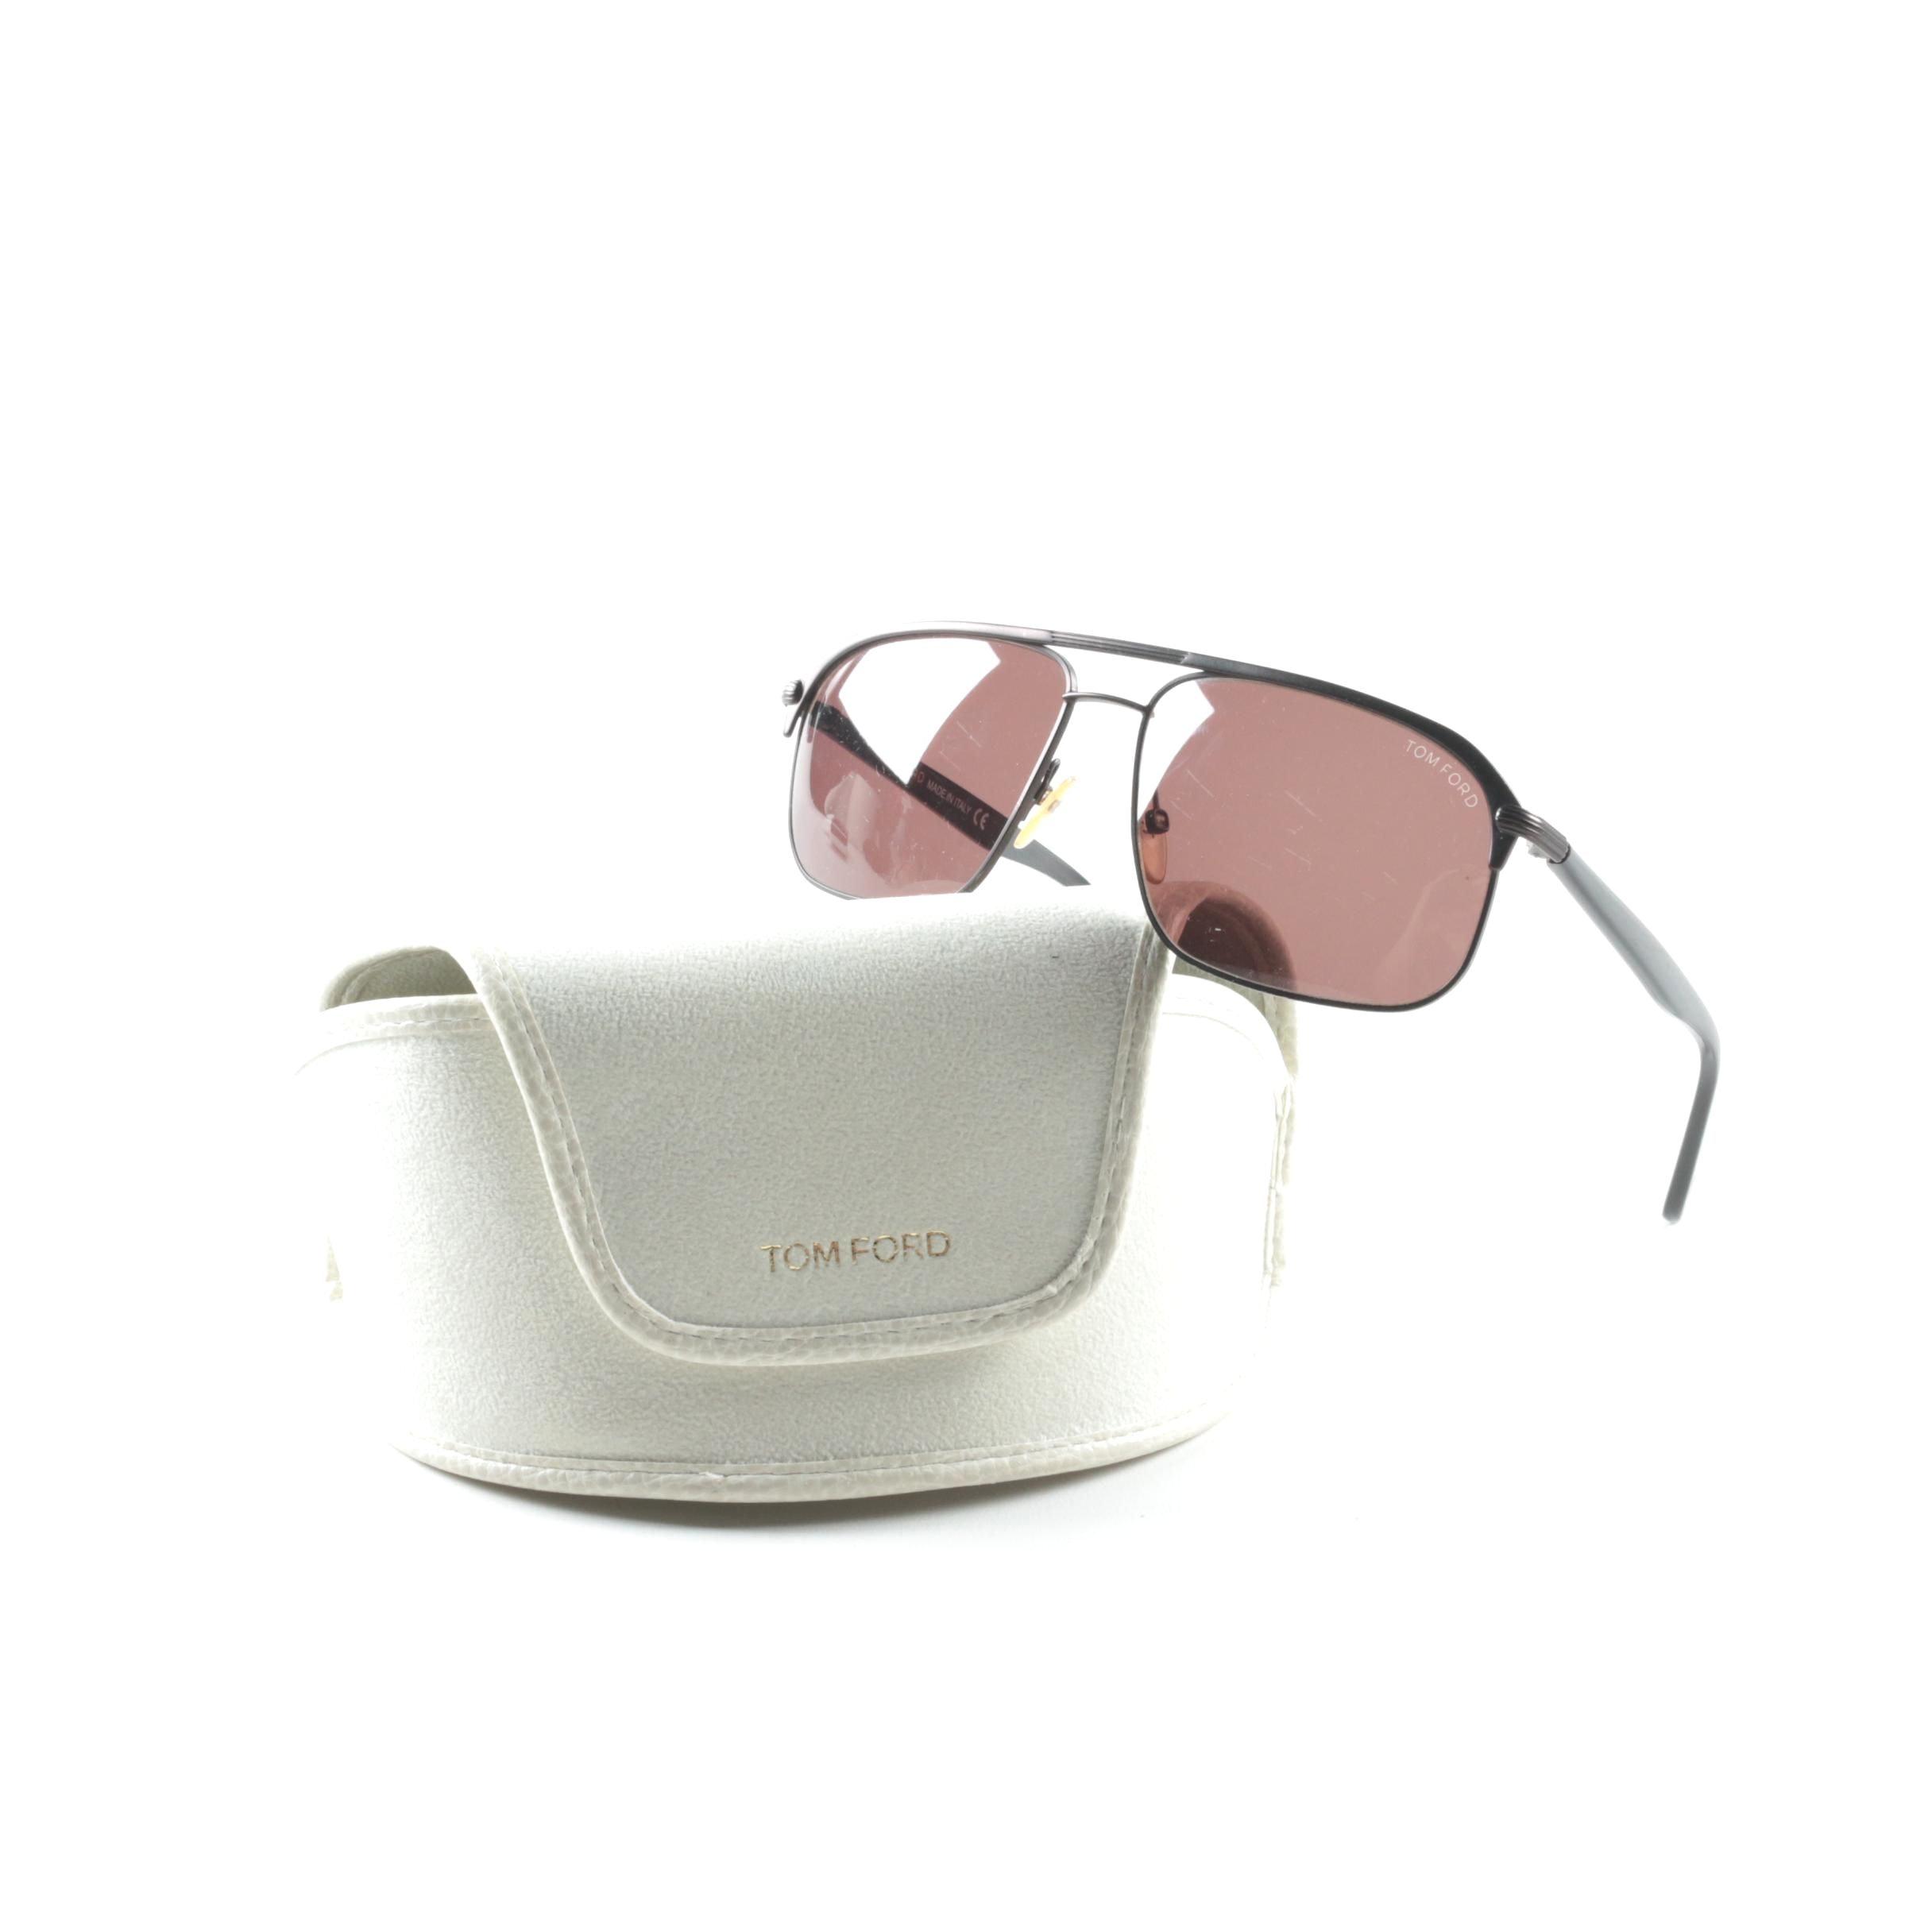 Tom Ford Connor Aviator Sunglasses